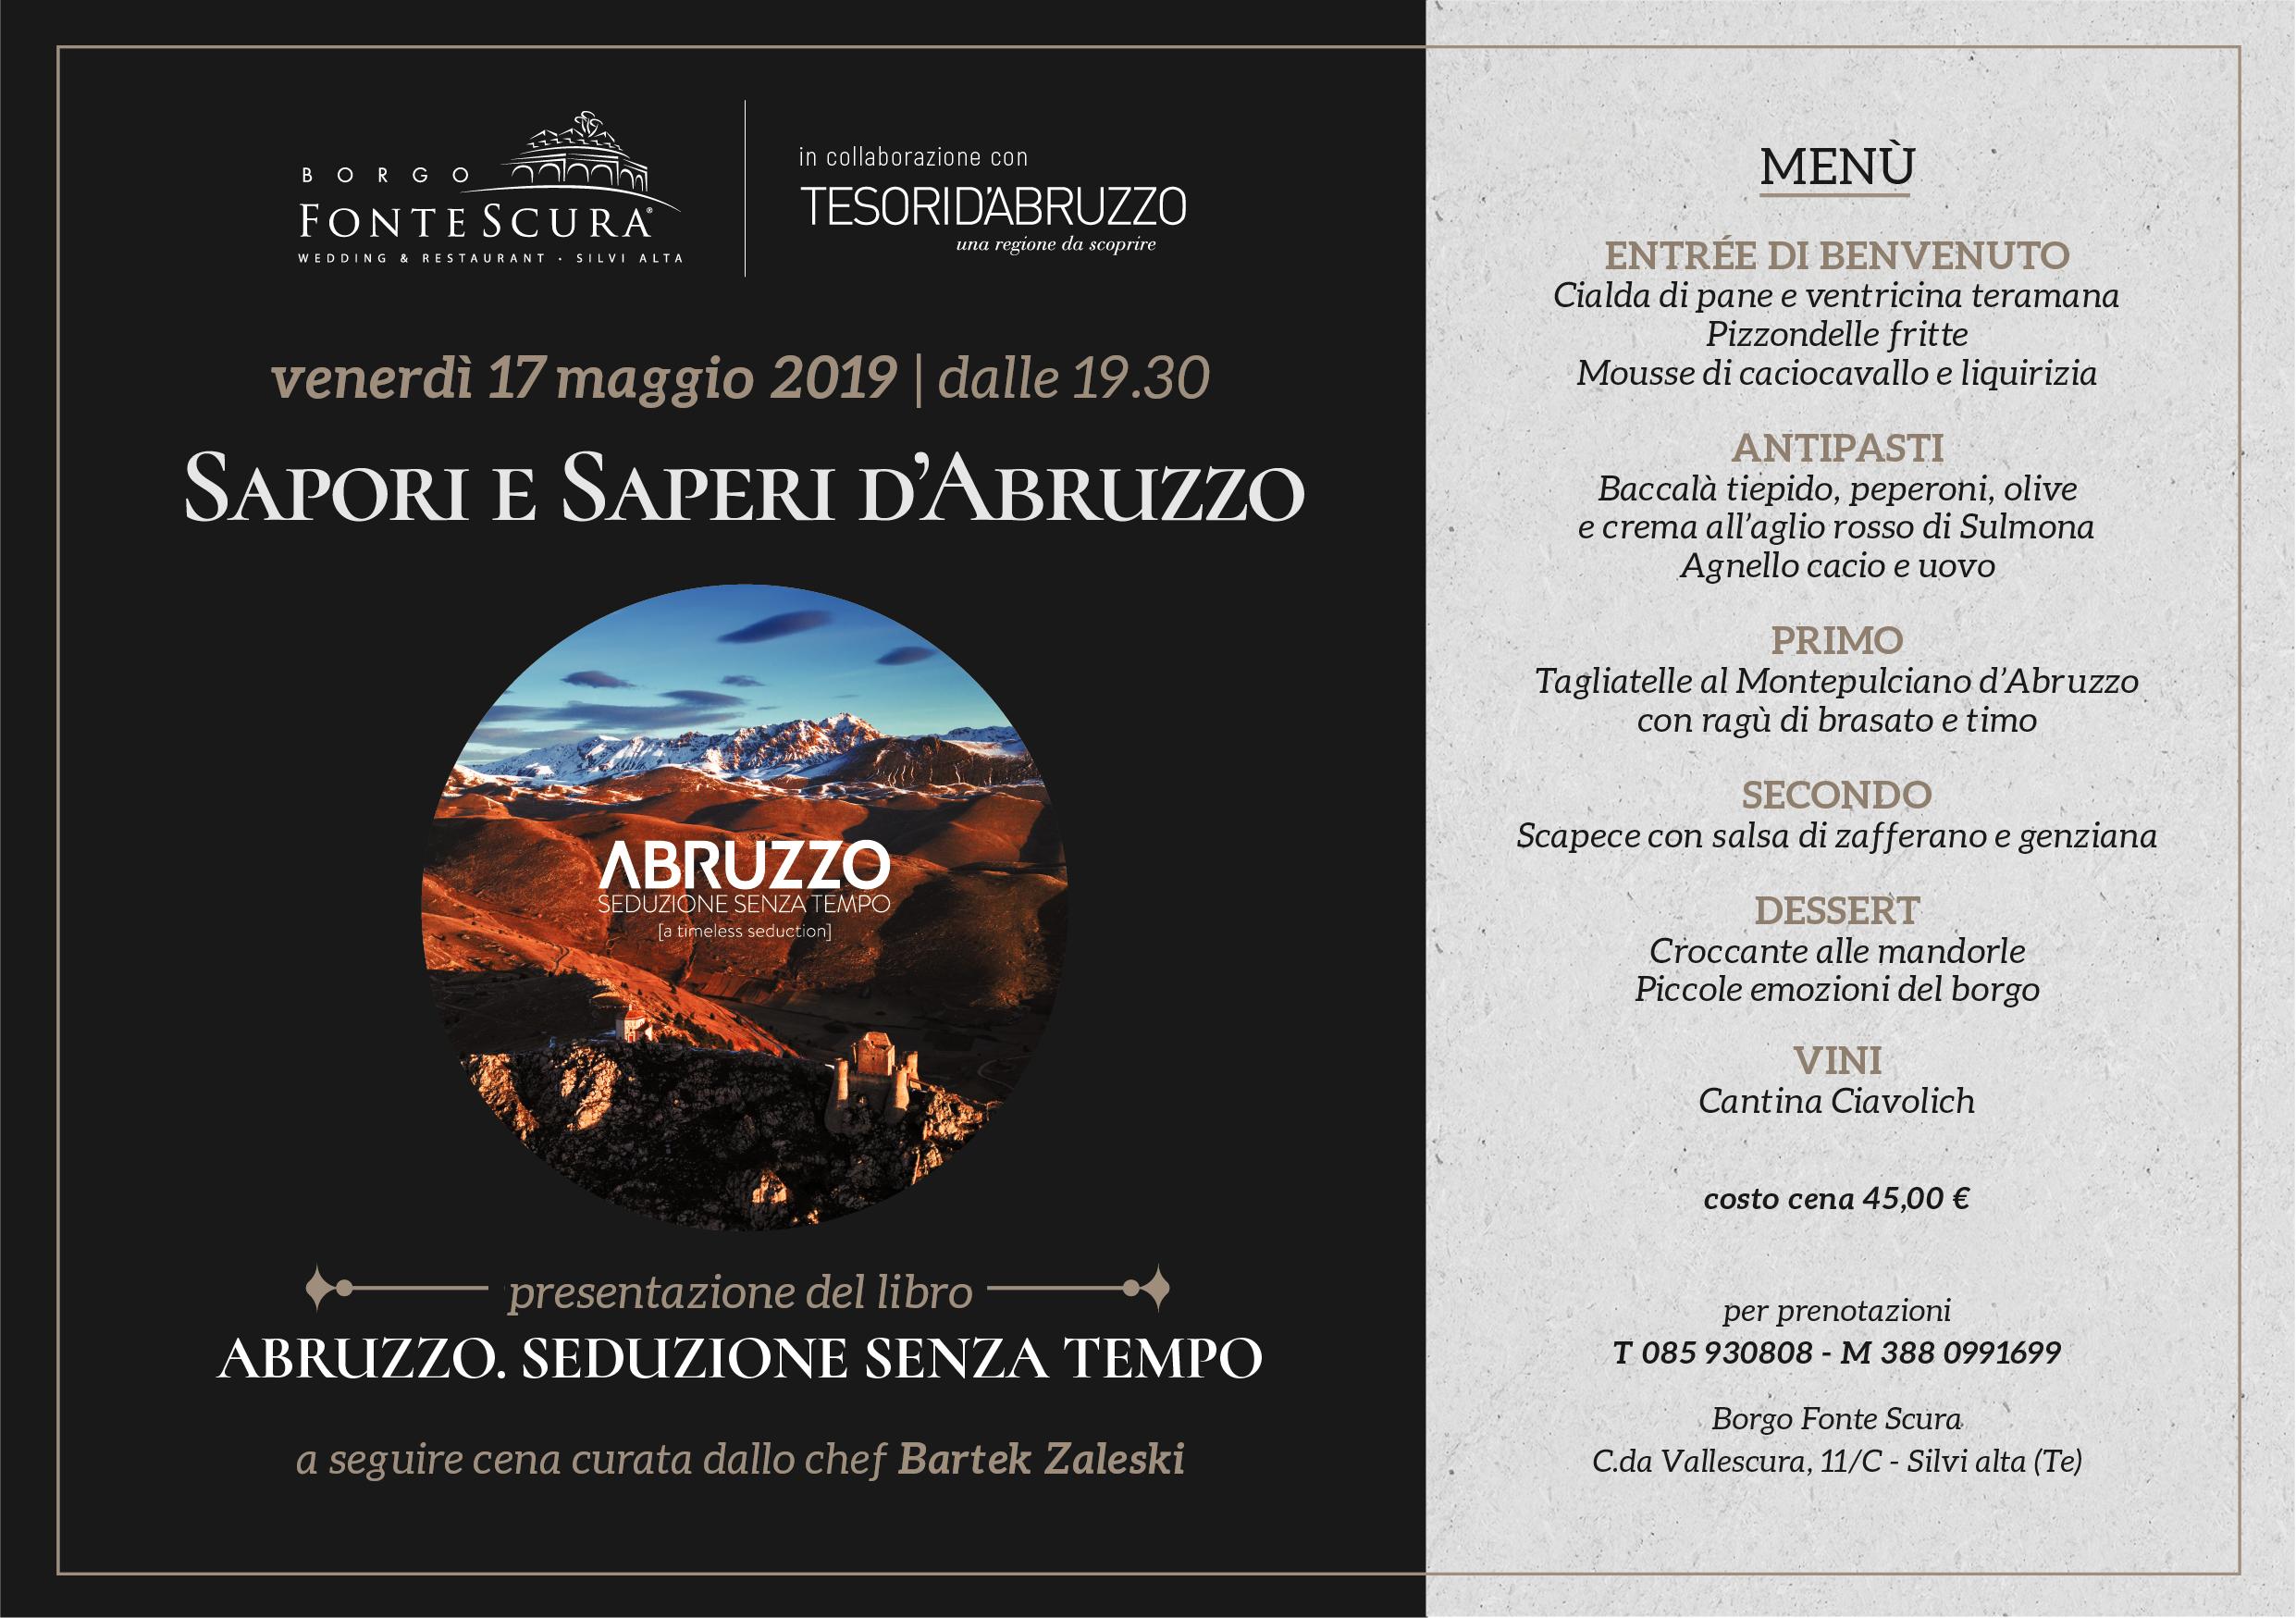 Sapori e saperi d'Abruzzo